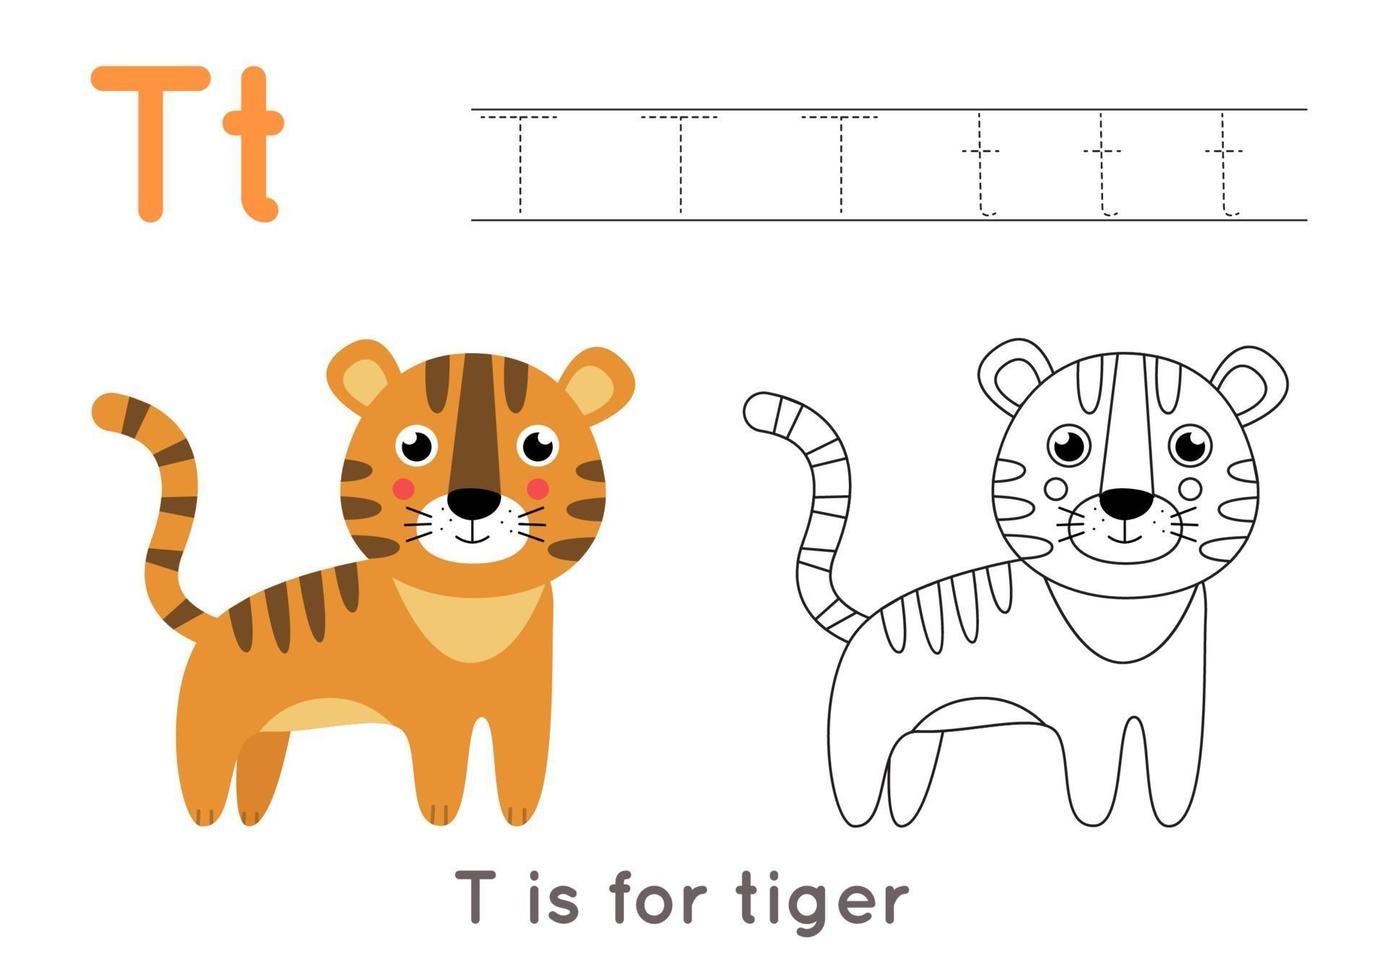 färg- och spårningssida med bokstaven t och söt tecknad tiger. vektor